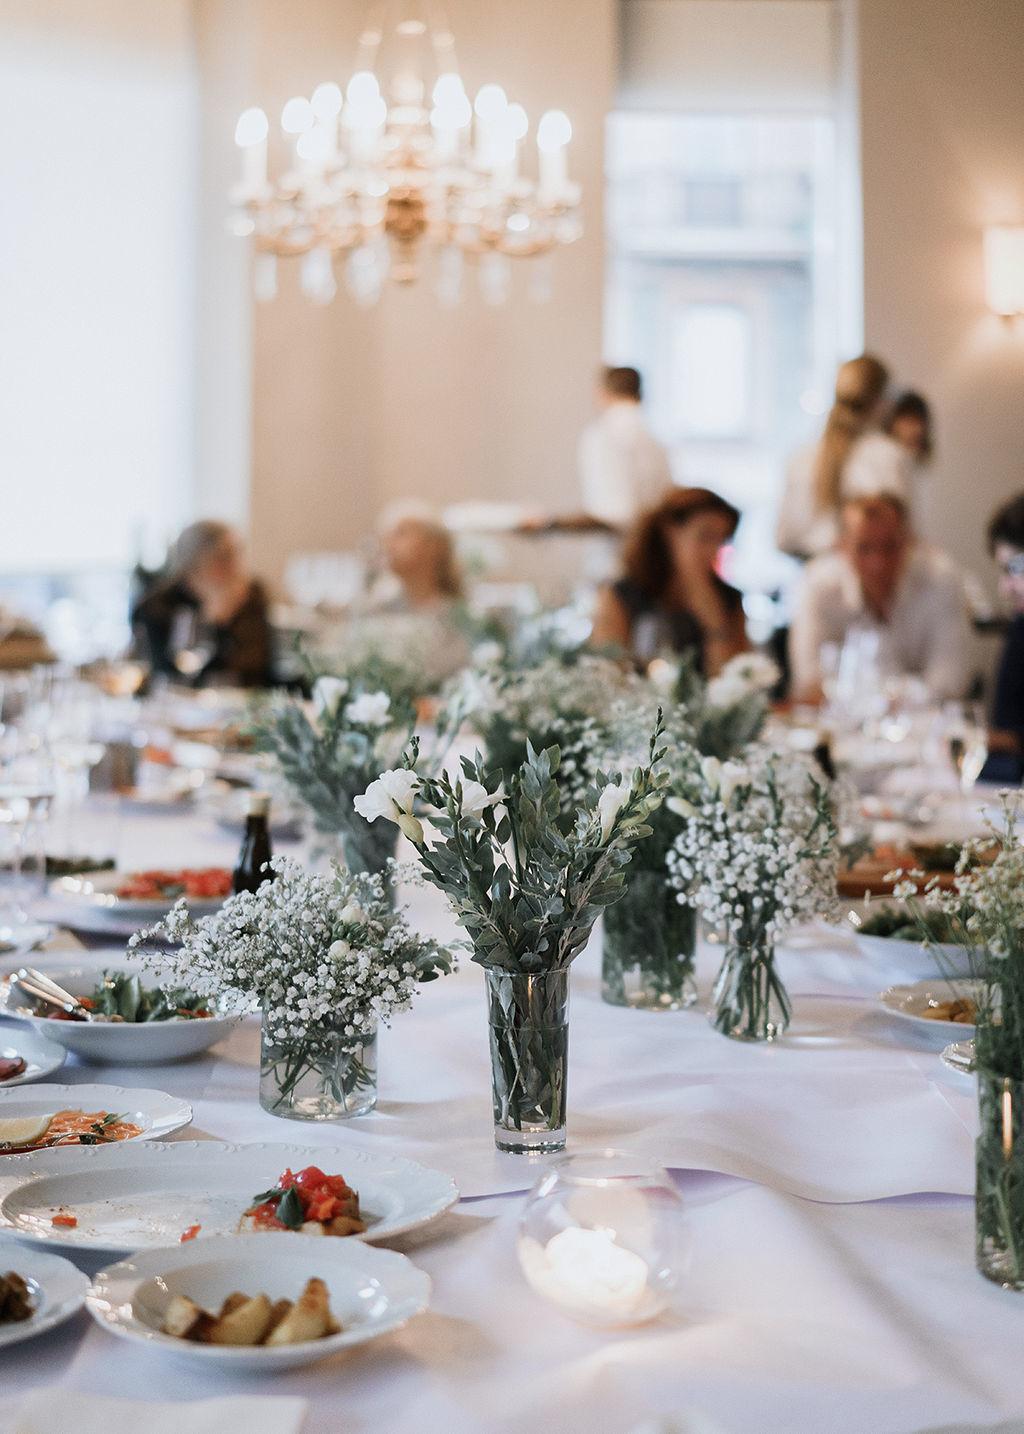 Элегантная свадьба в стиле Великого Гэтсби